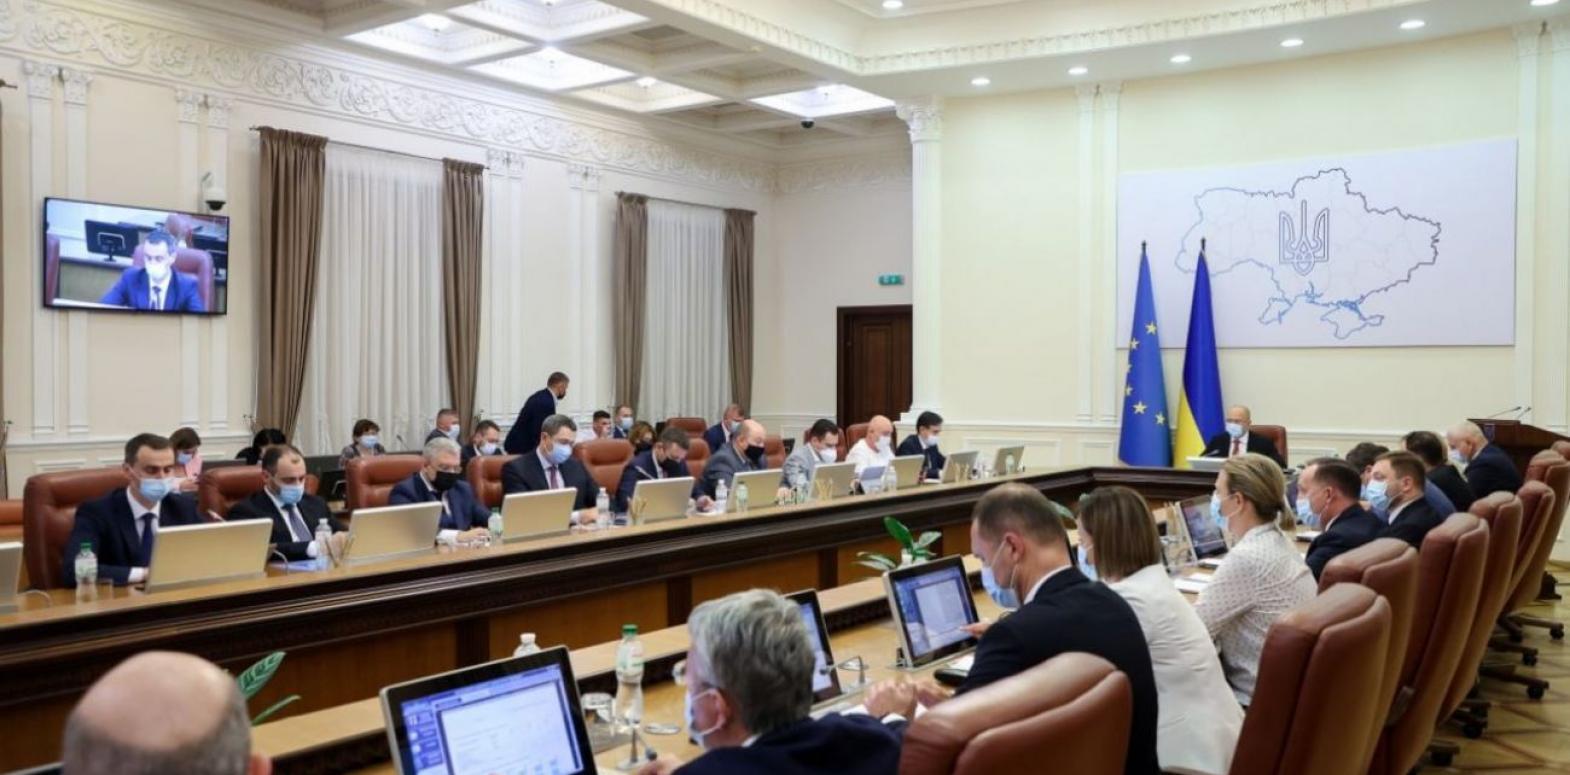 Штрафы за нарушение оборота ГМО-продукции в Украине планируют поднять в 100 раз